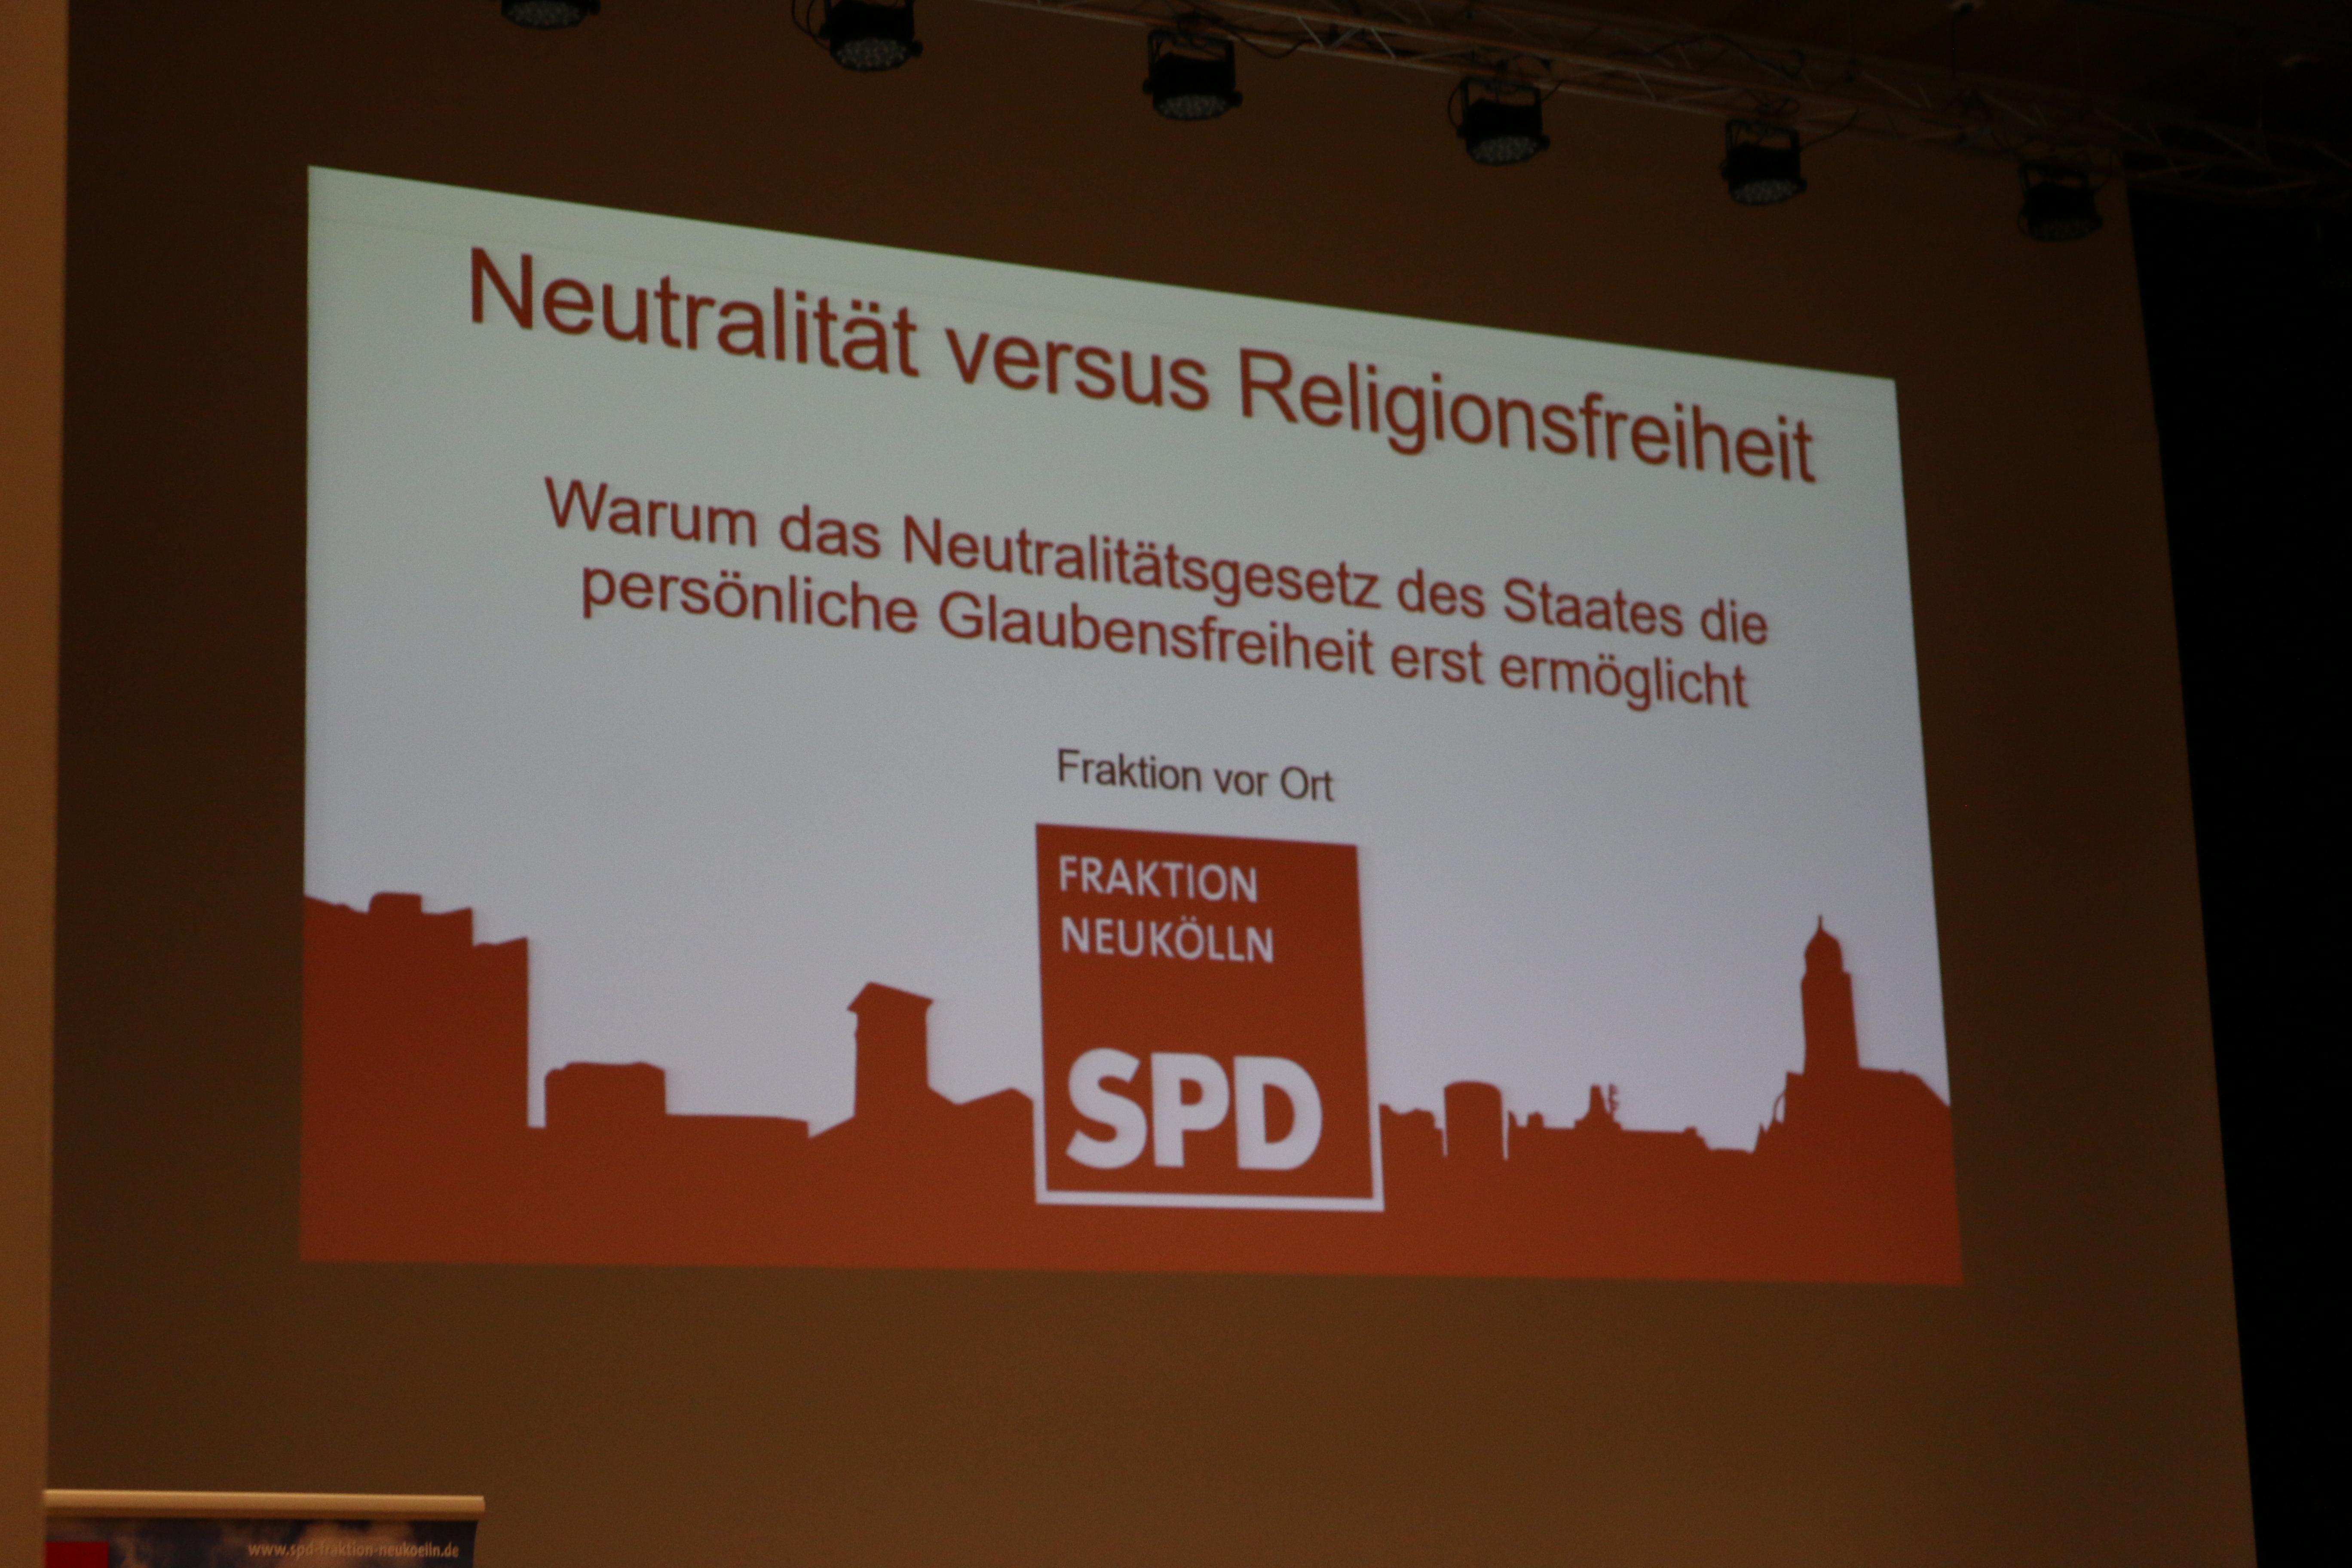 Neutralität versus Religionsfreiheit? - Wieso das Neutralitätsgesetz des Staates die Glaubensfreiheit erst ermöglicht 3